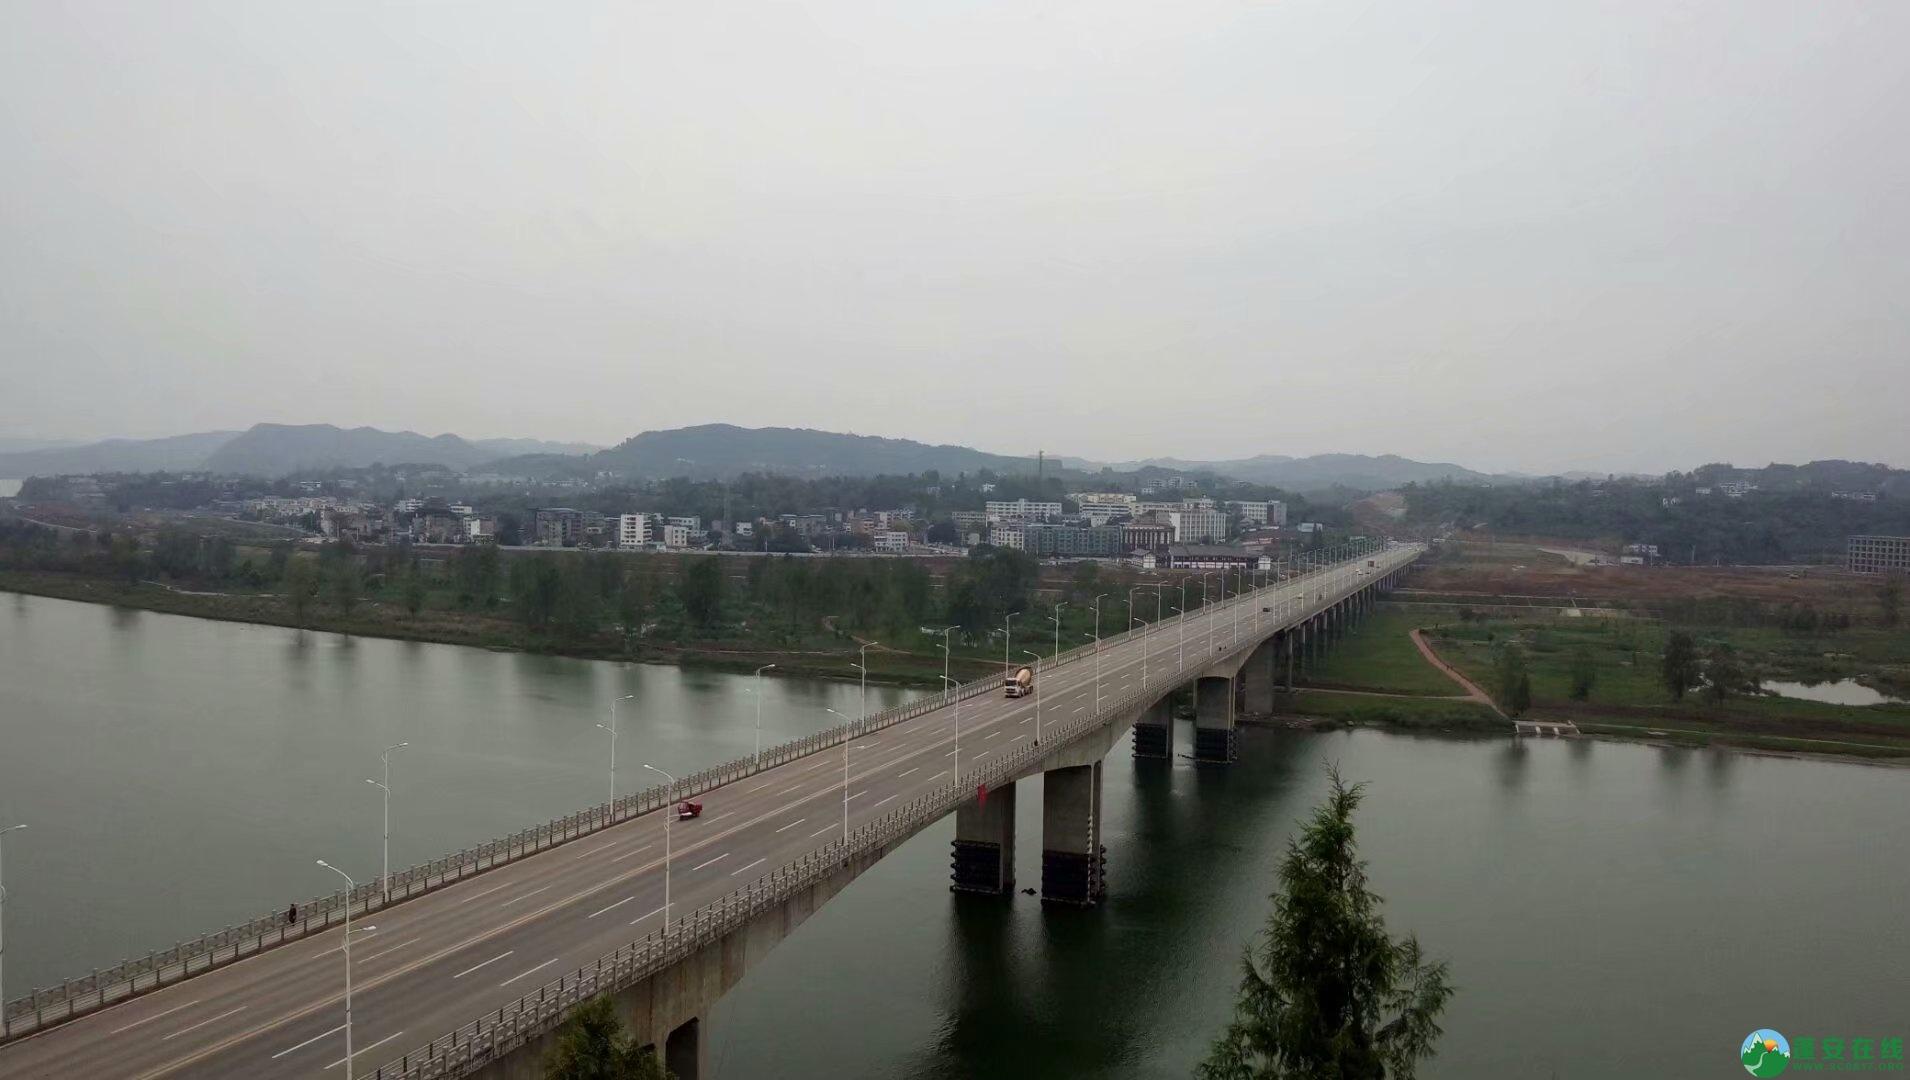 蓬安火锅公园近况(2018-10-12) - 第8张  | 蓬安在线